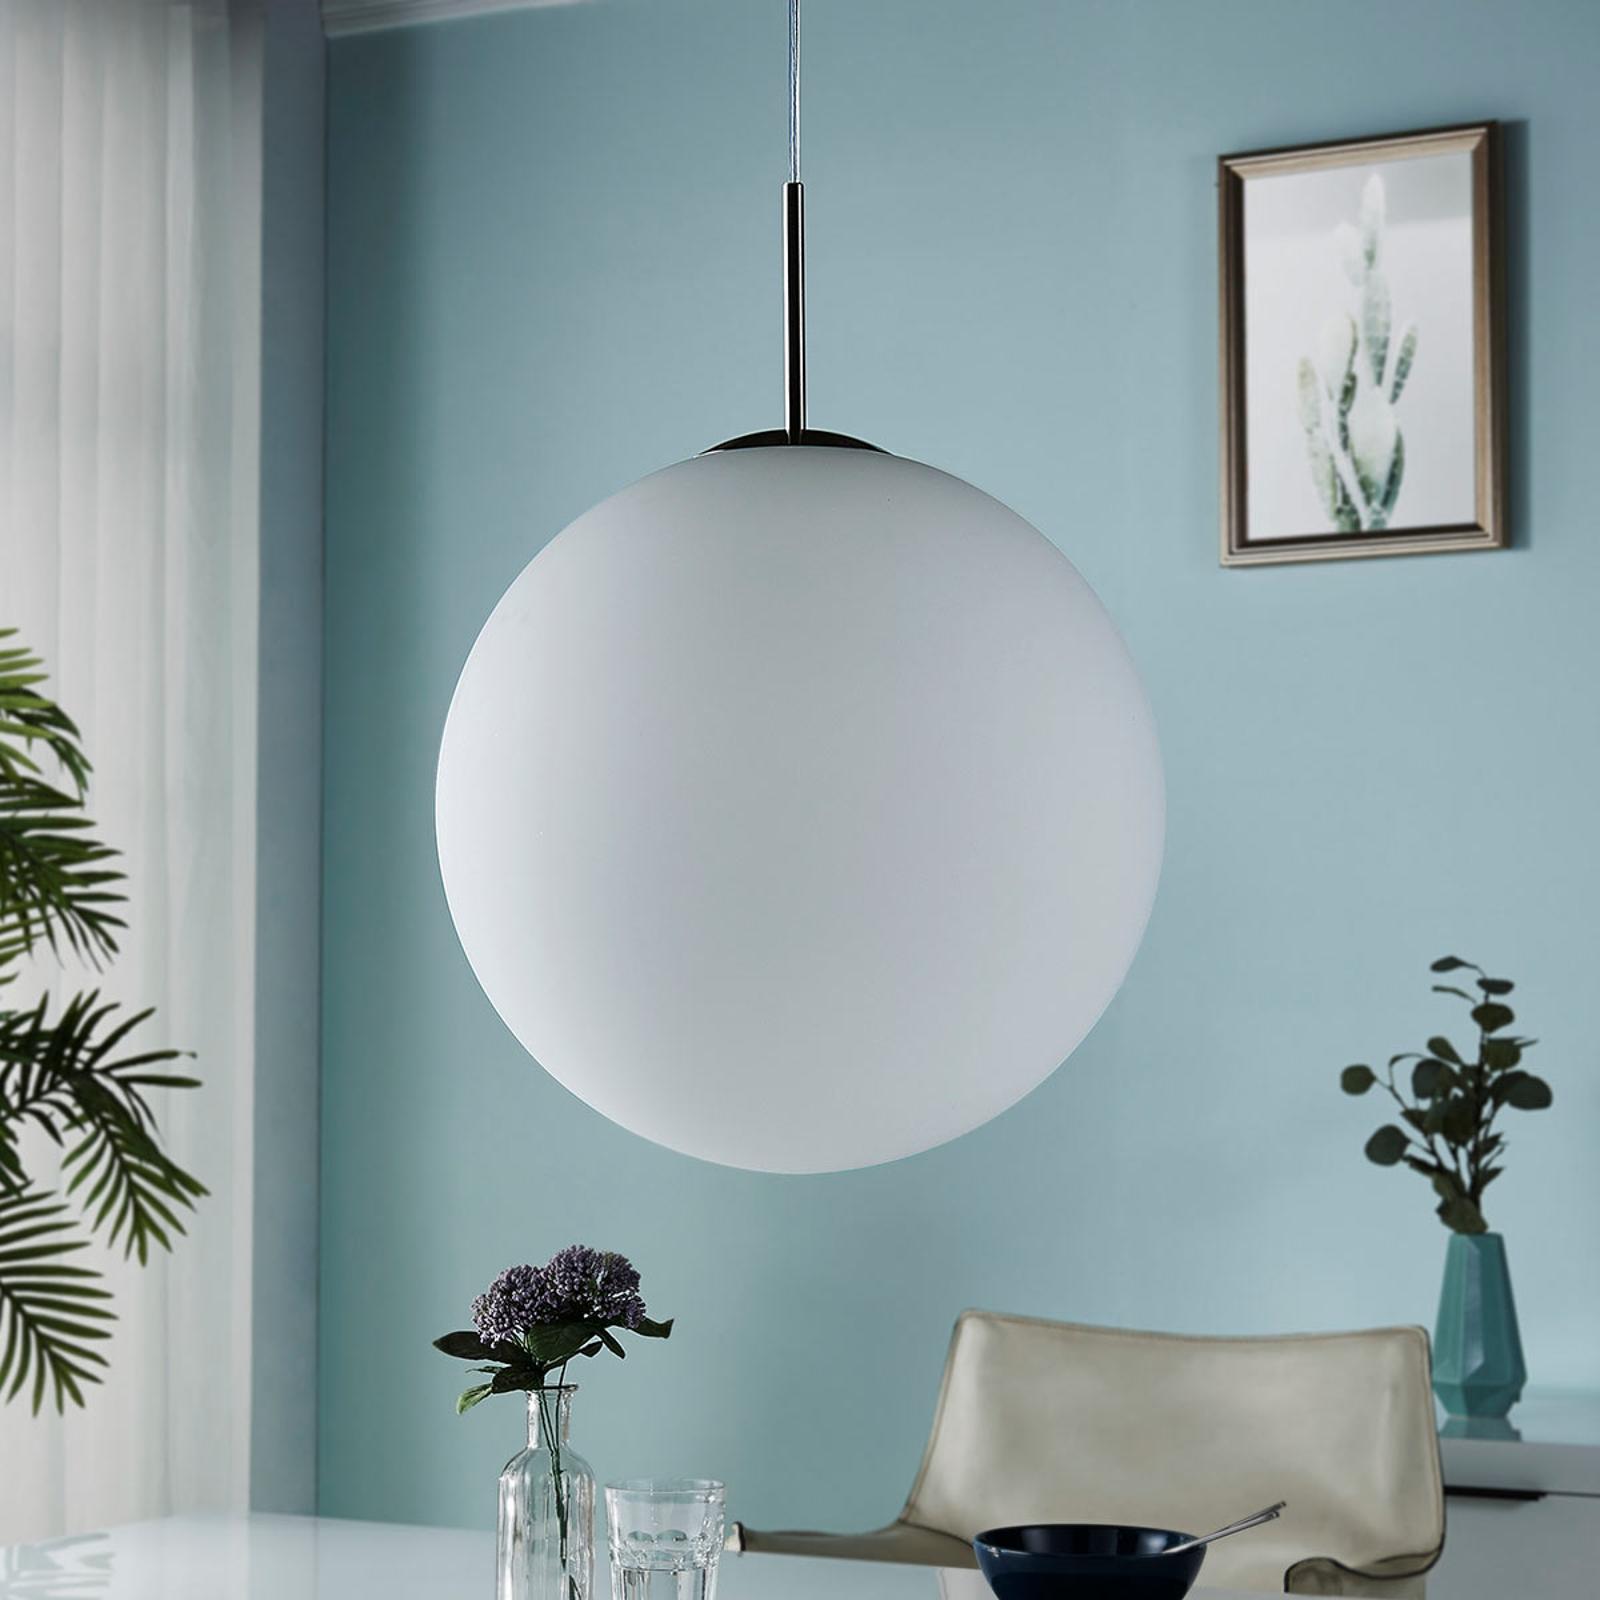 Lampa wisząca Marike, kula, szkło opalowe, biała